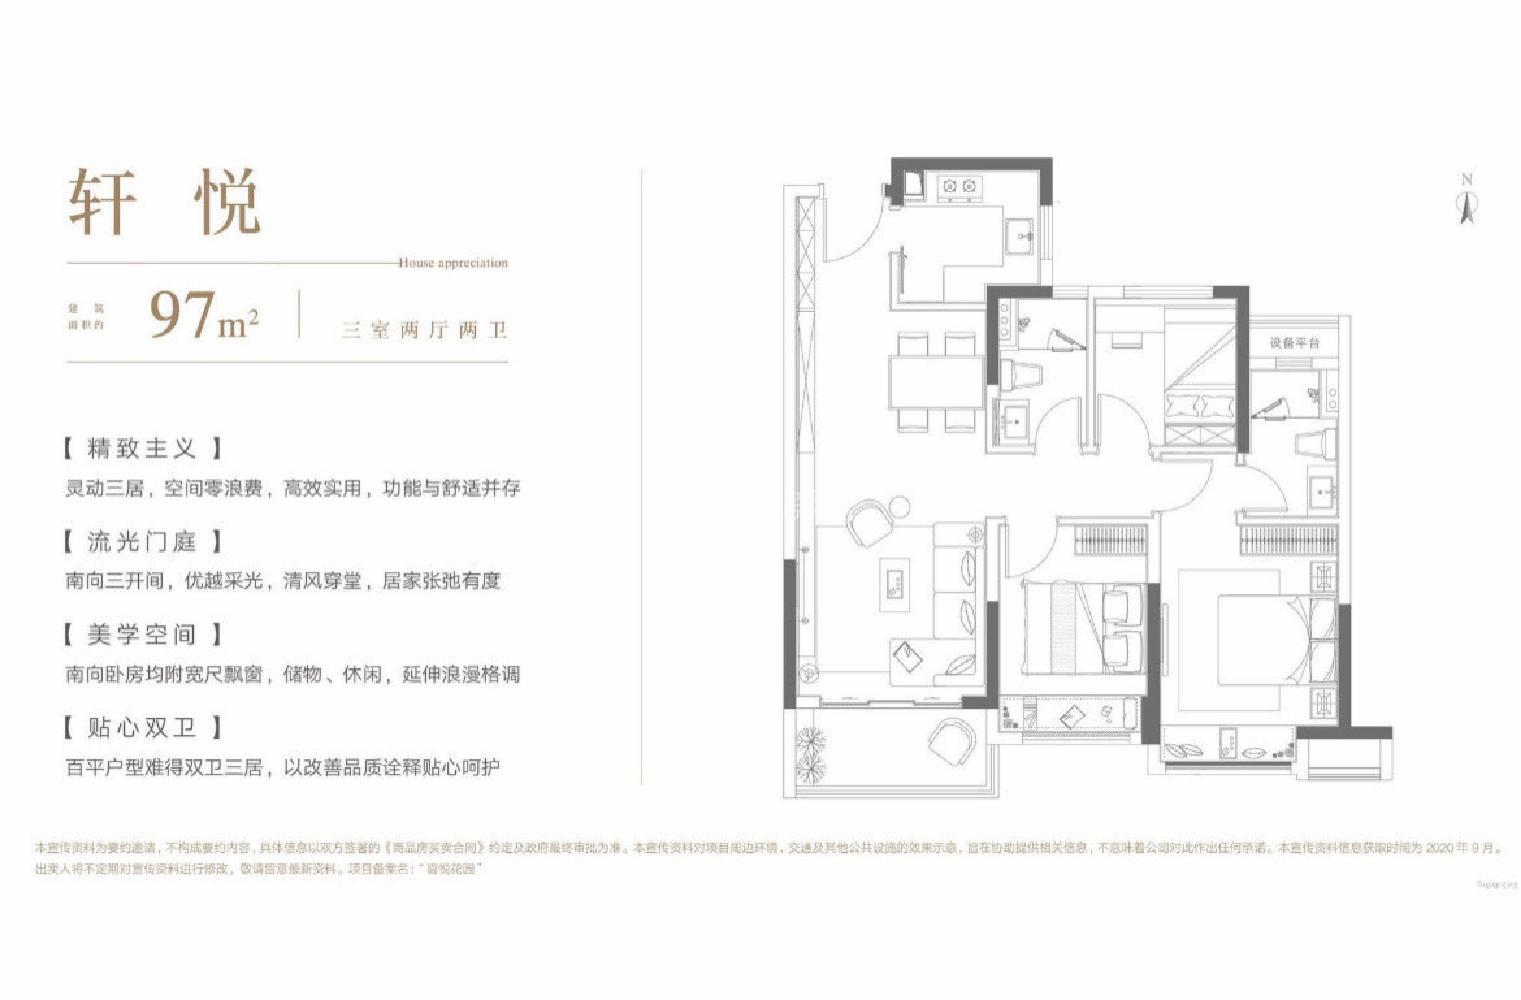 姑苏区稀缺倒贴价新房精装交付只有三幢现房,房源不多交通方便